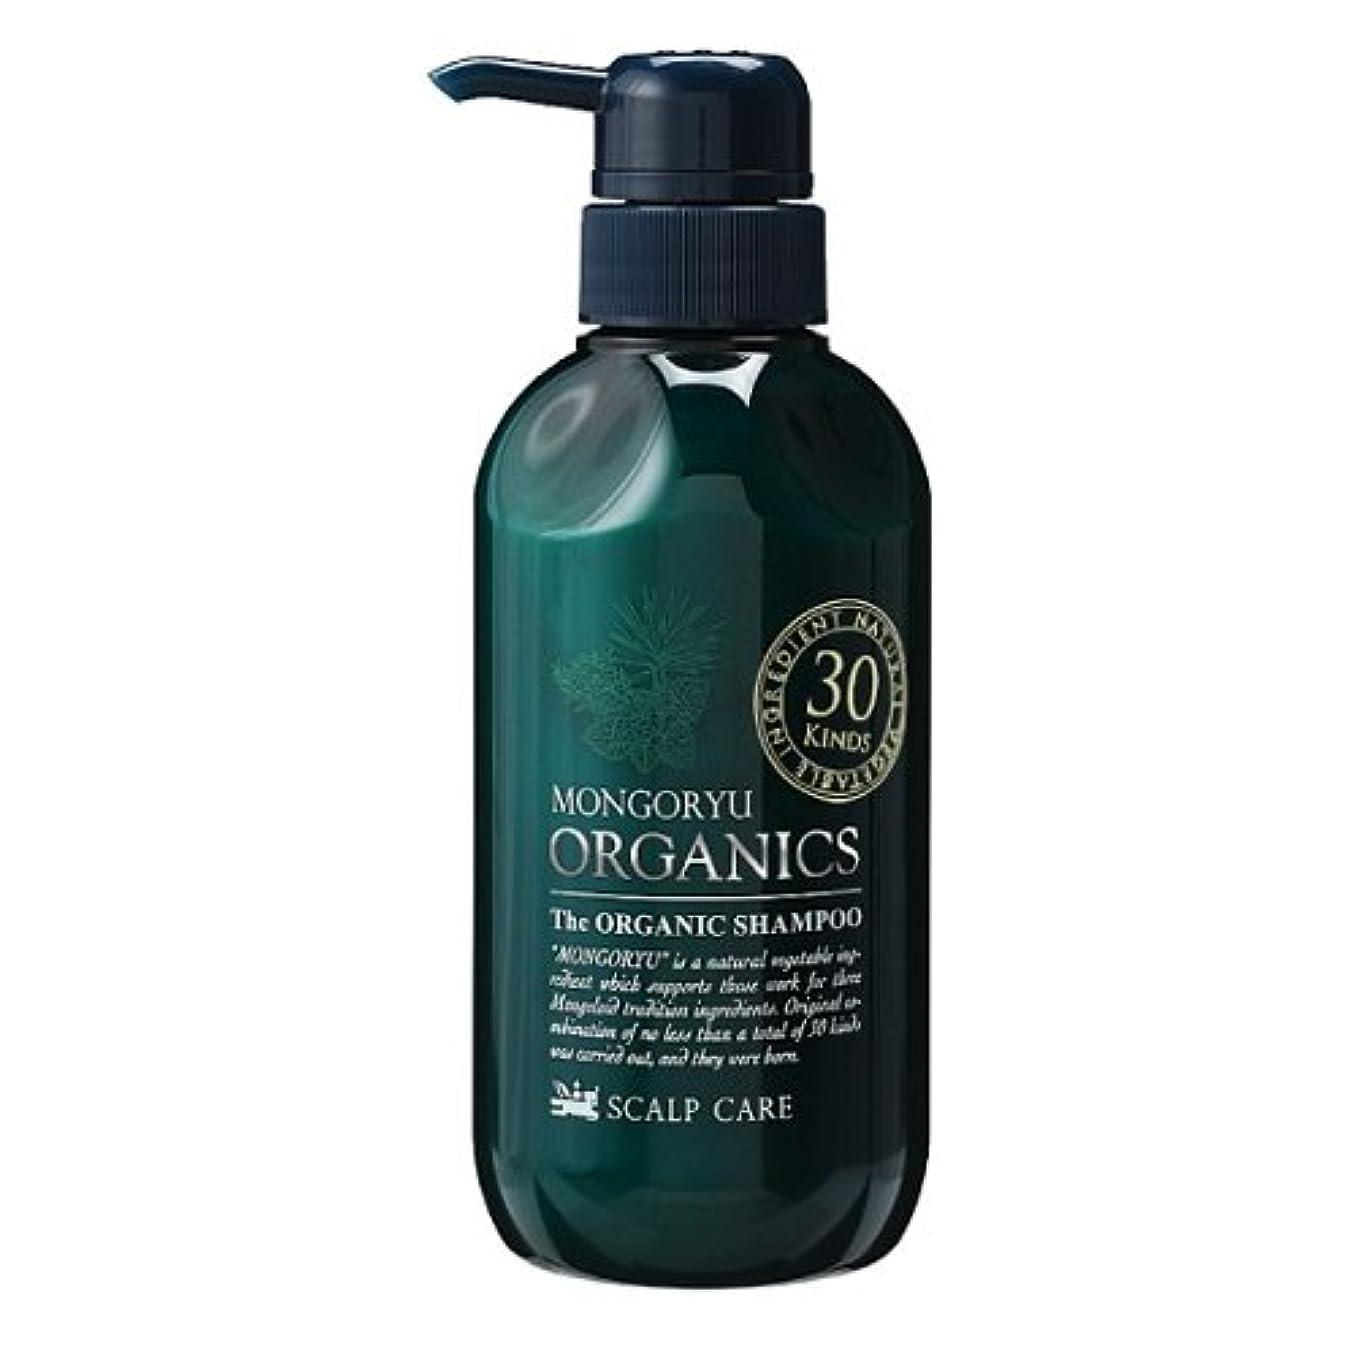 うれしいふつうバケットモンゴ流 シャンプー 薬用 オーガニクス 320ml 医薬部外品 スカルプケア オーガニックハーブの香り